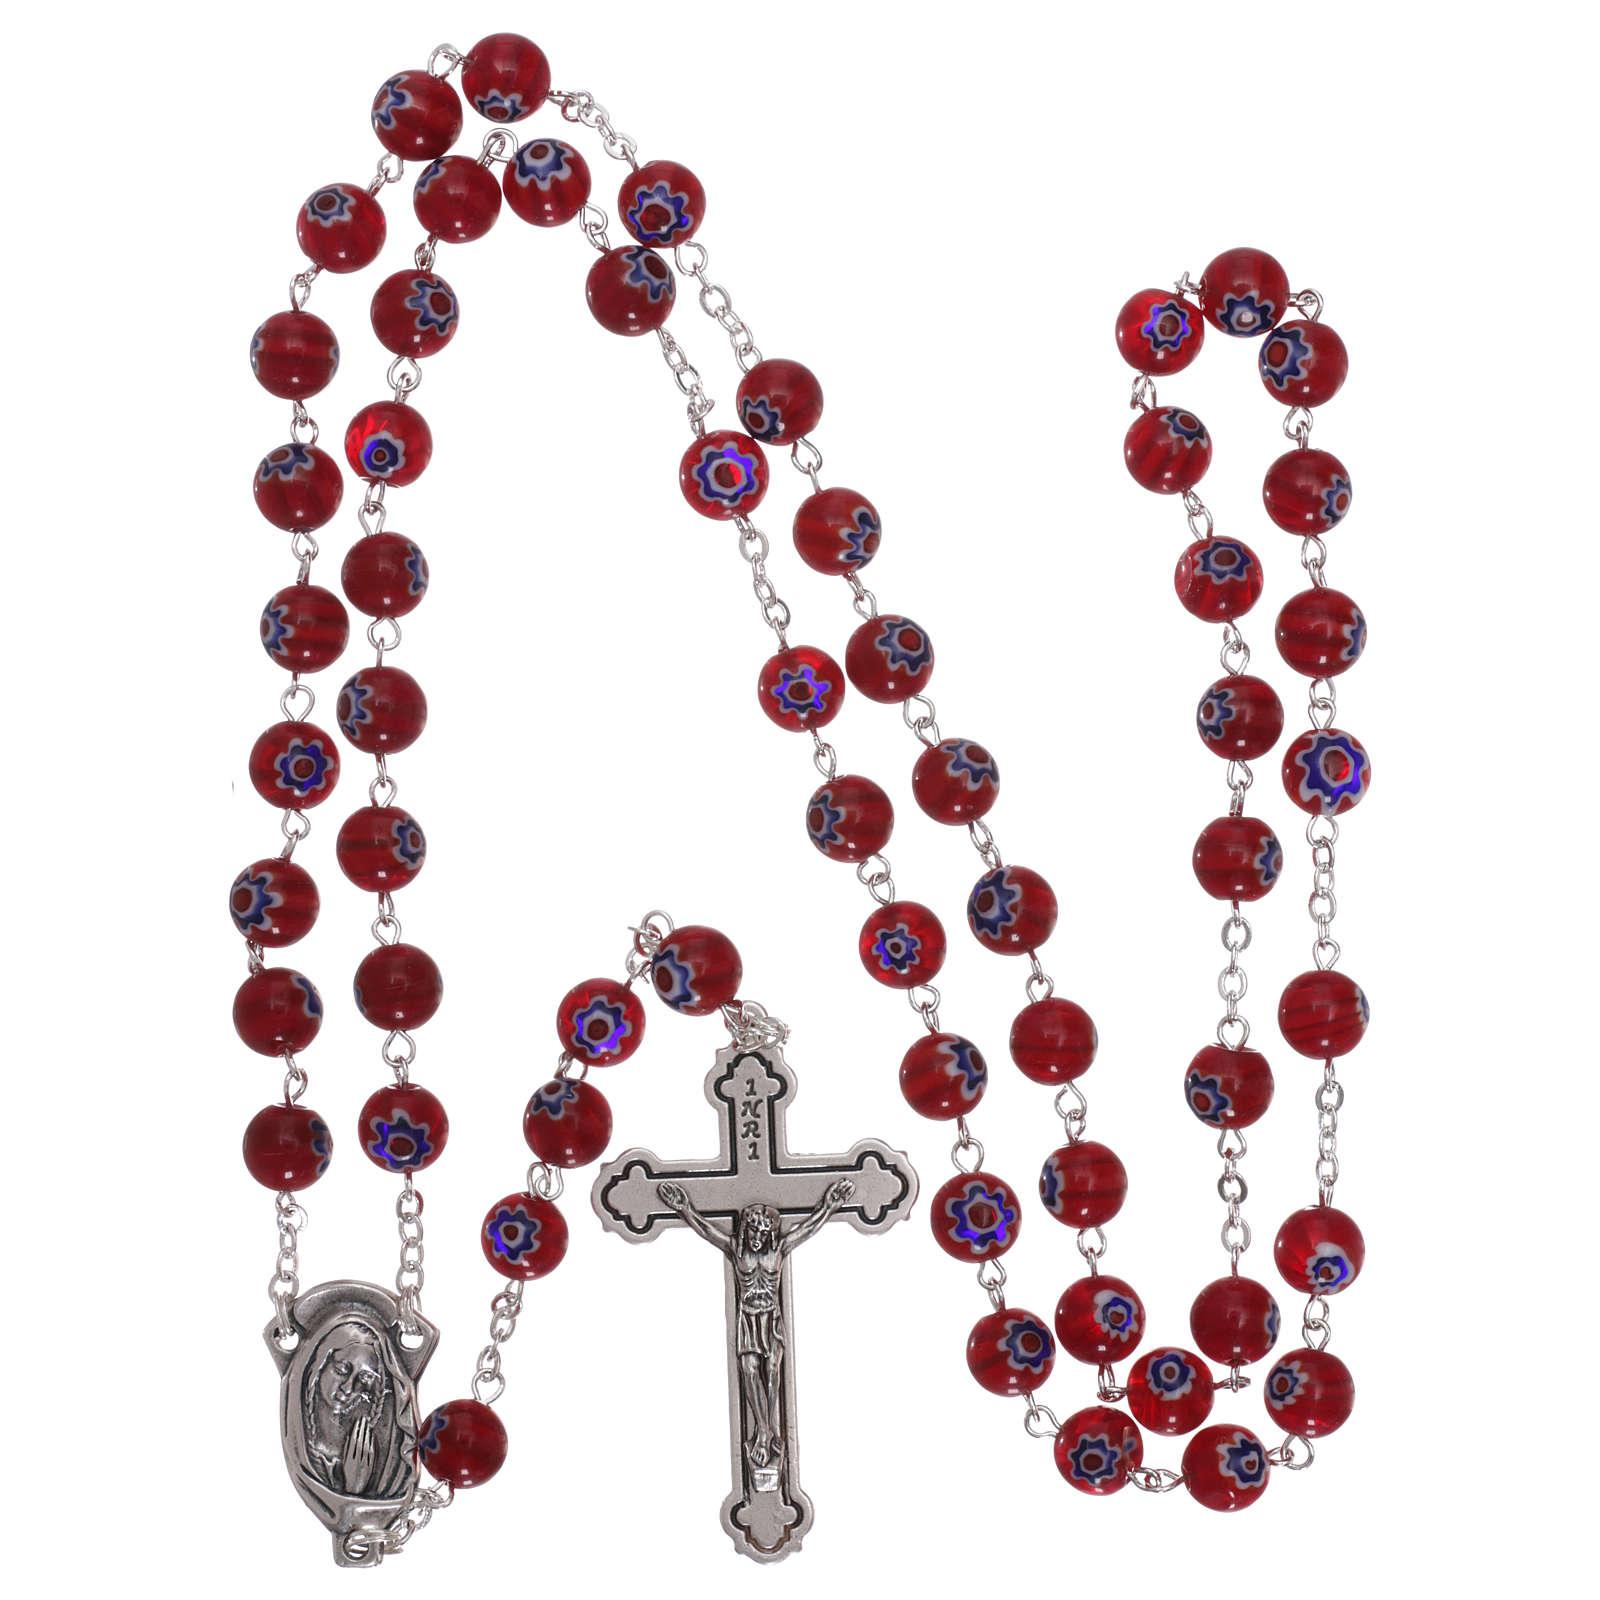 Rosario in vetro stile murrina color rosso con motivi floreali e striature 8 mm 4